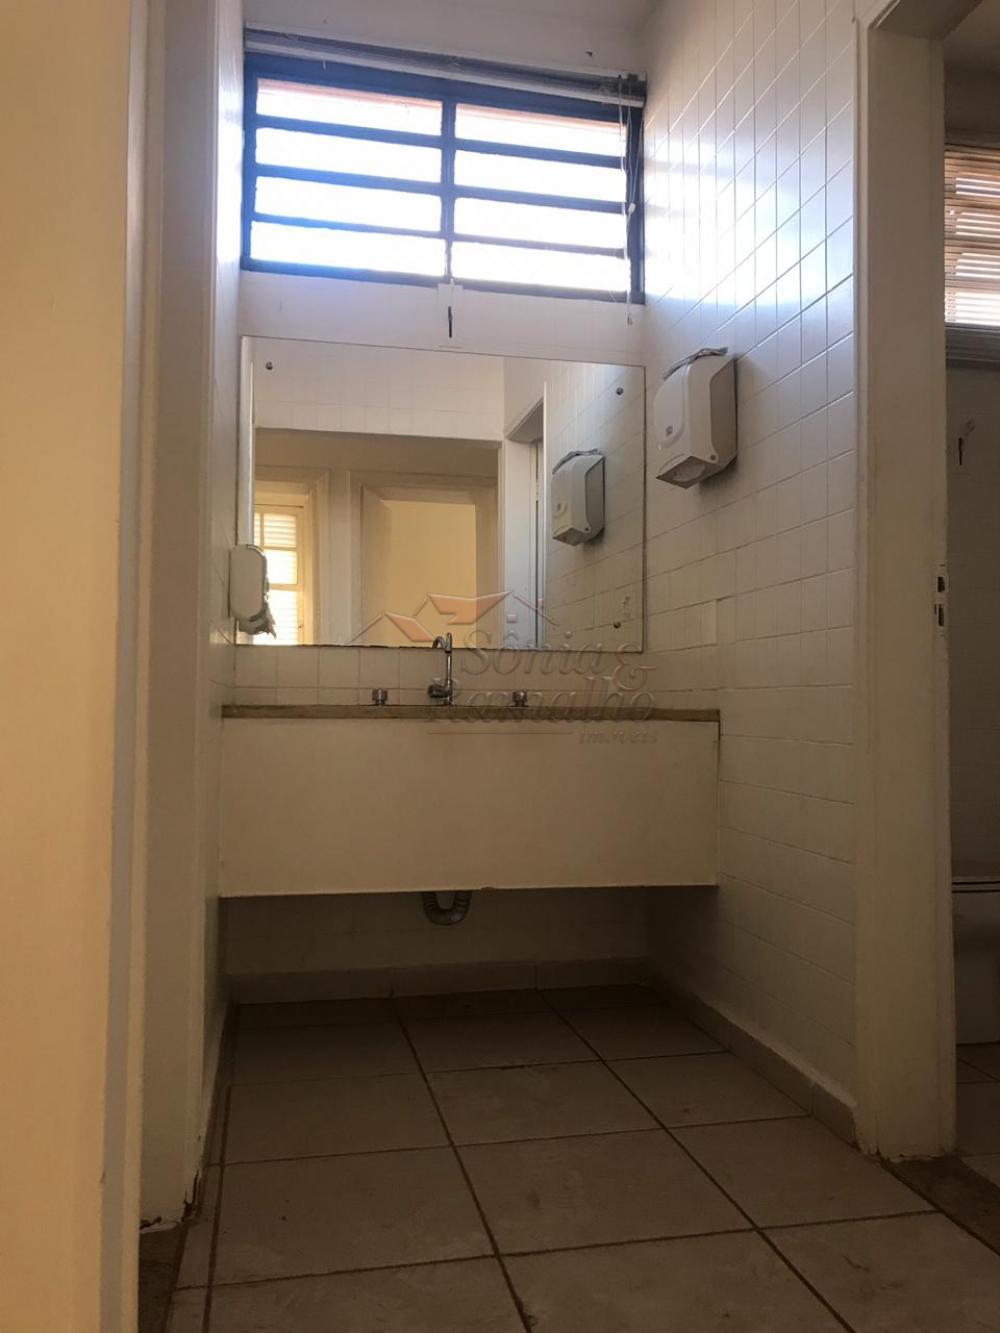 Alugar Casas / Comercial em Ribeirão Preto apenas R$ 3.300,00 - Foto 12